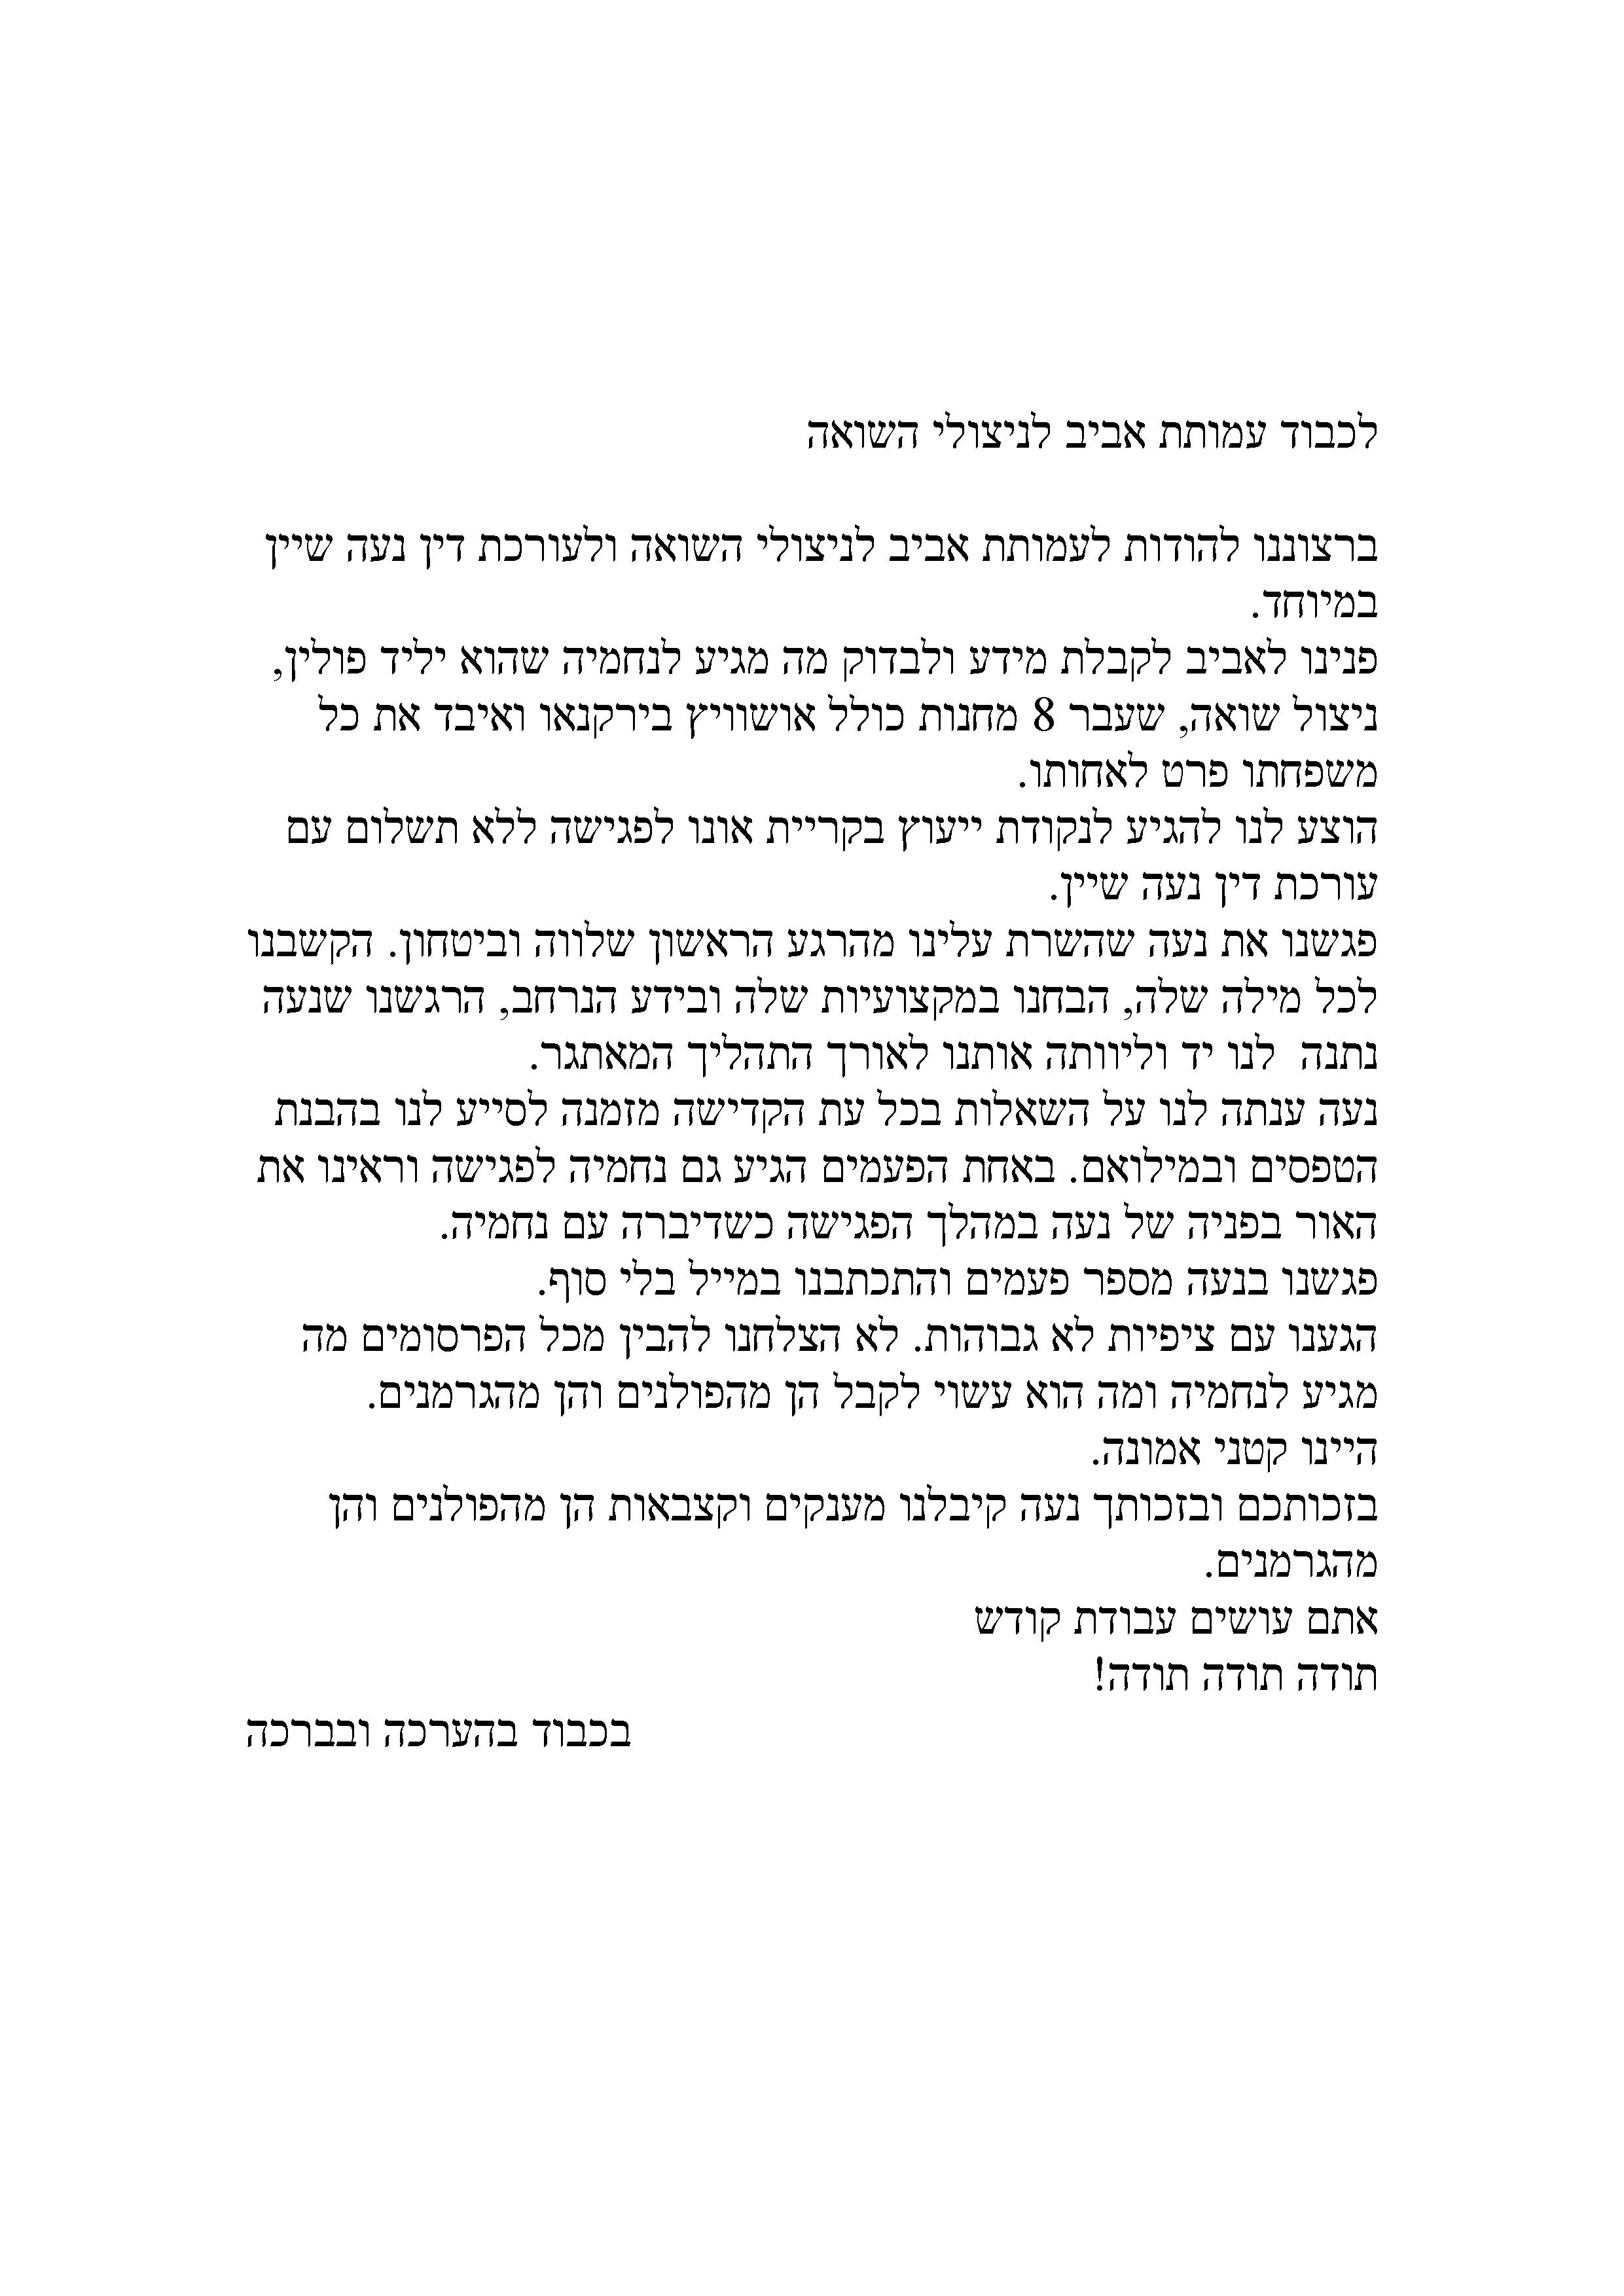 מכתב לנועה נובמבר 18